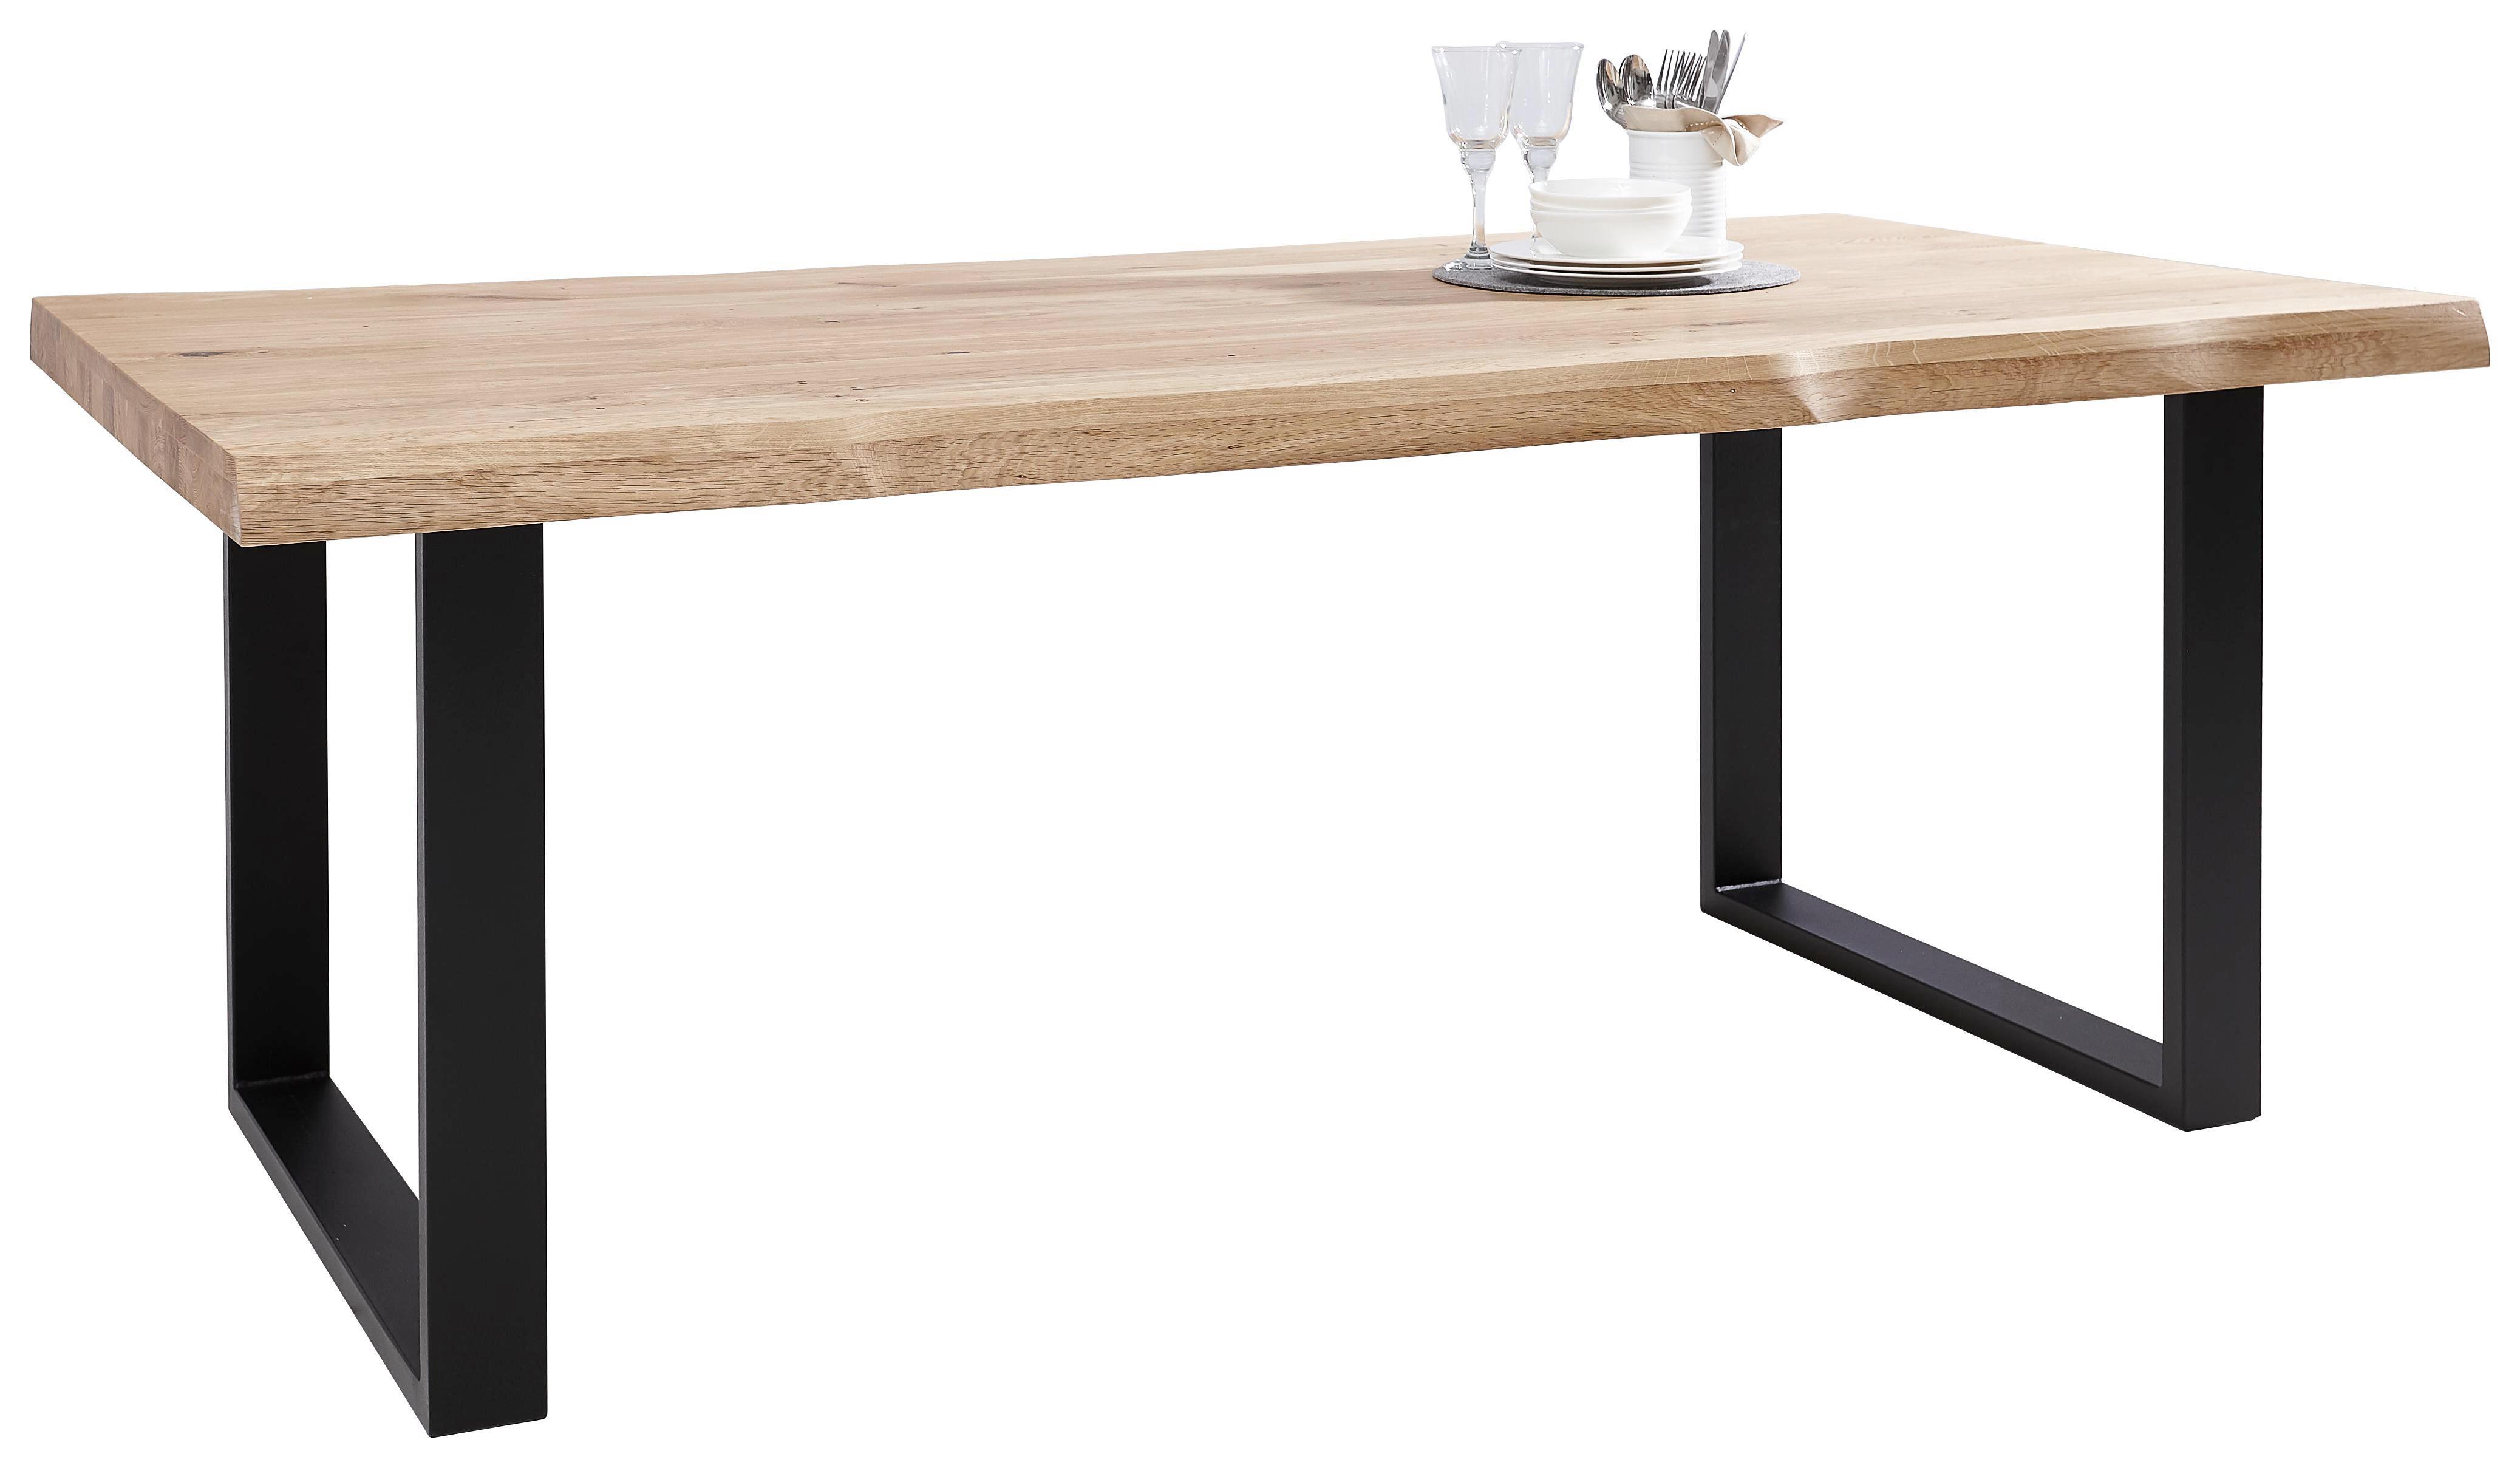 Exquisit Esstisch Holz Metall Sammlung Von Affordable Cheap Wildeiche Massiv Rechteckig Eichefarben Schwarz